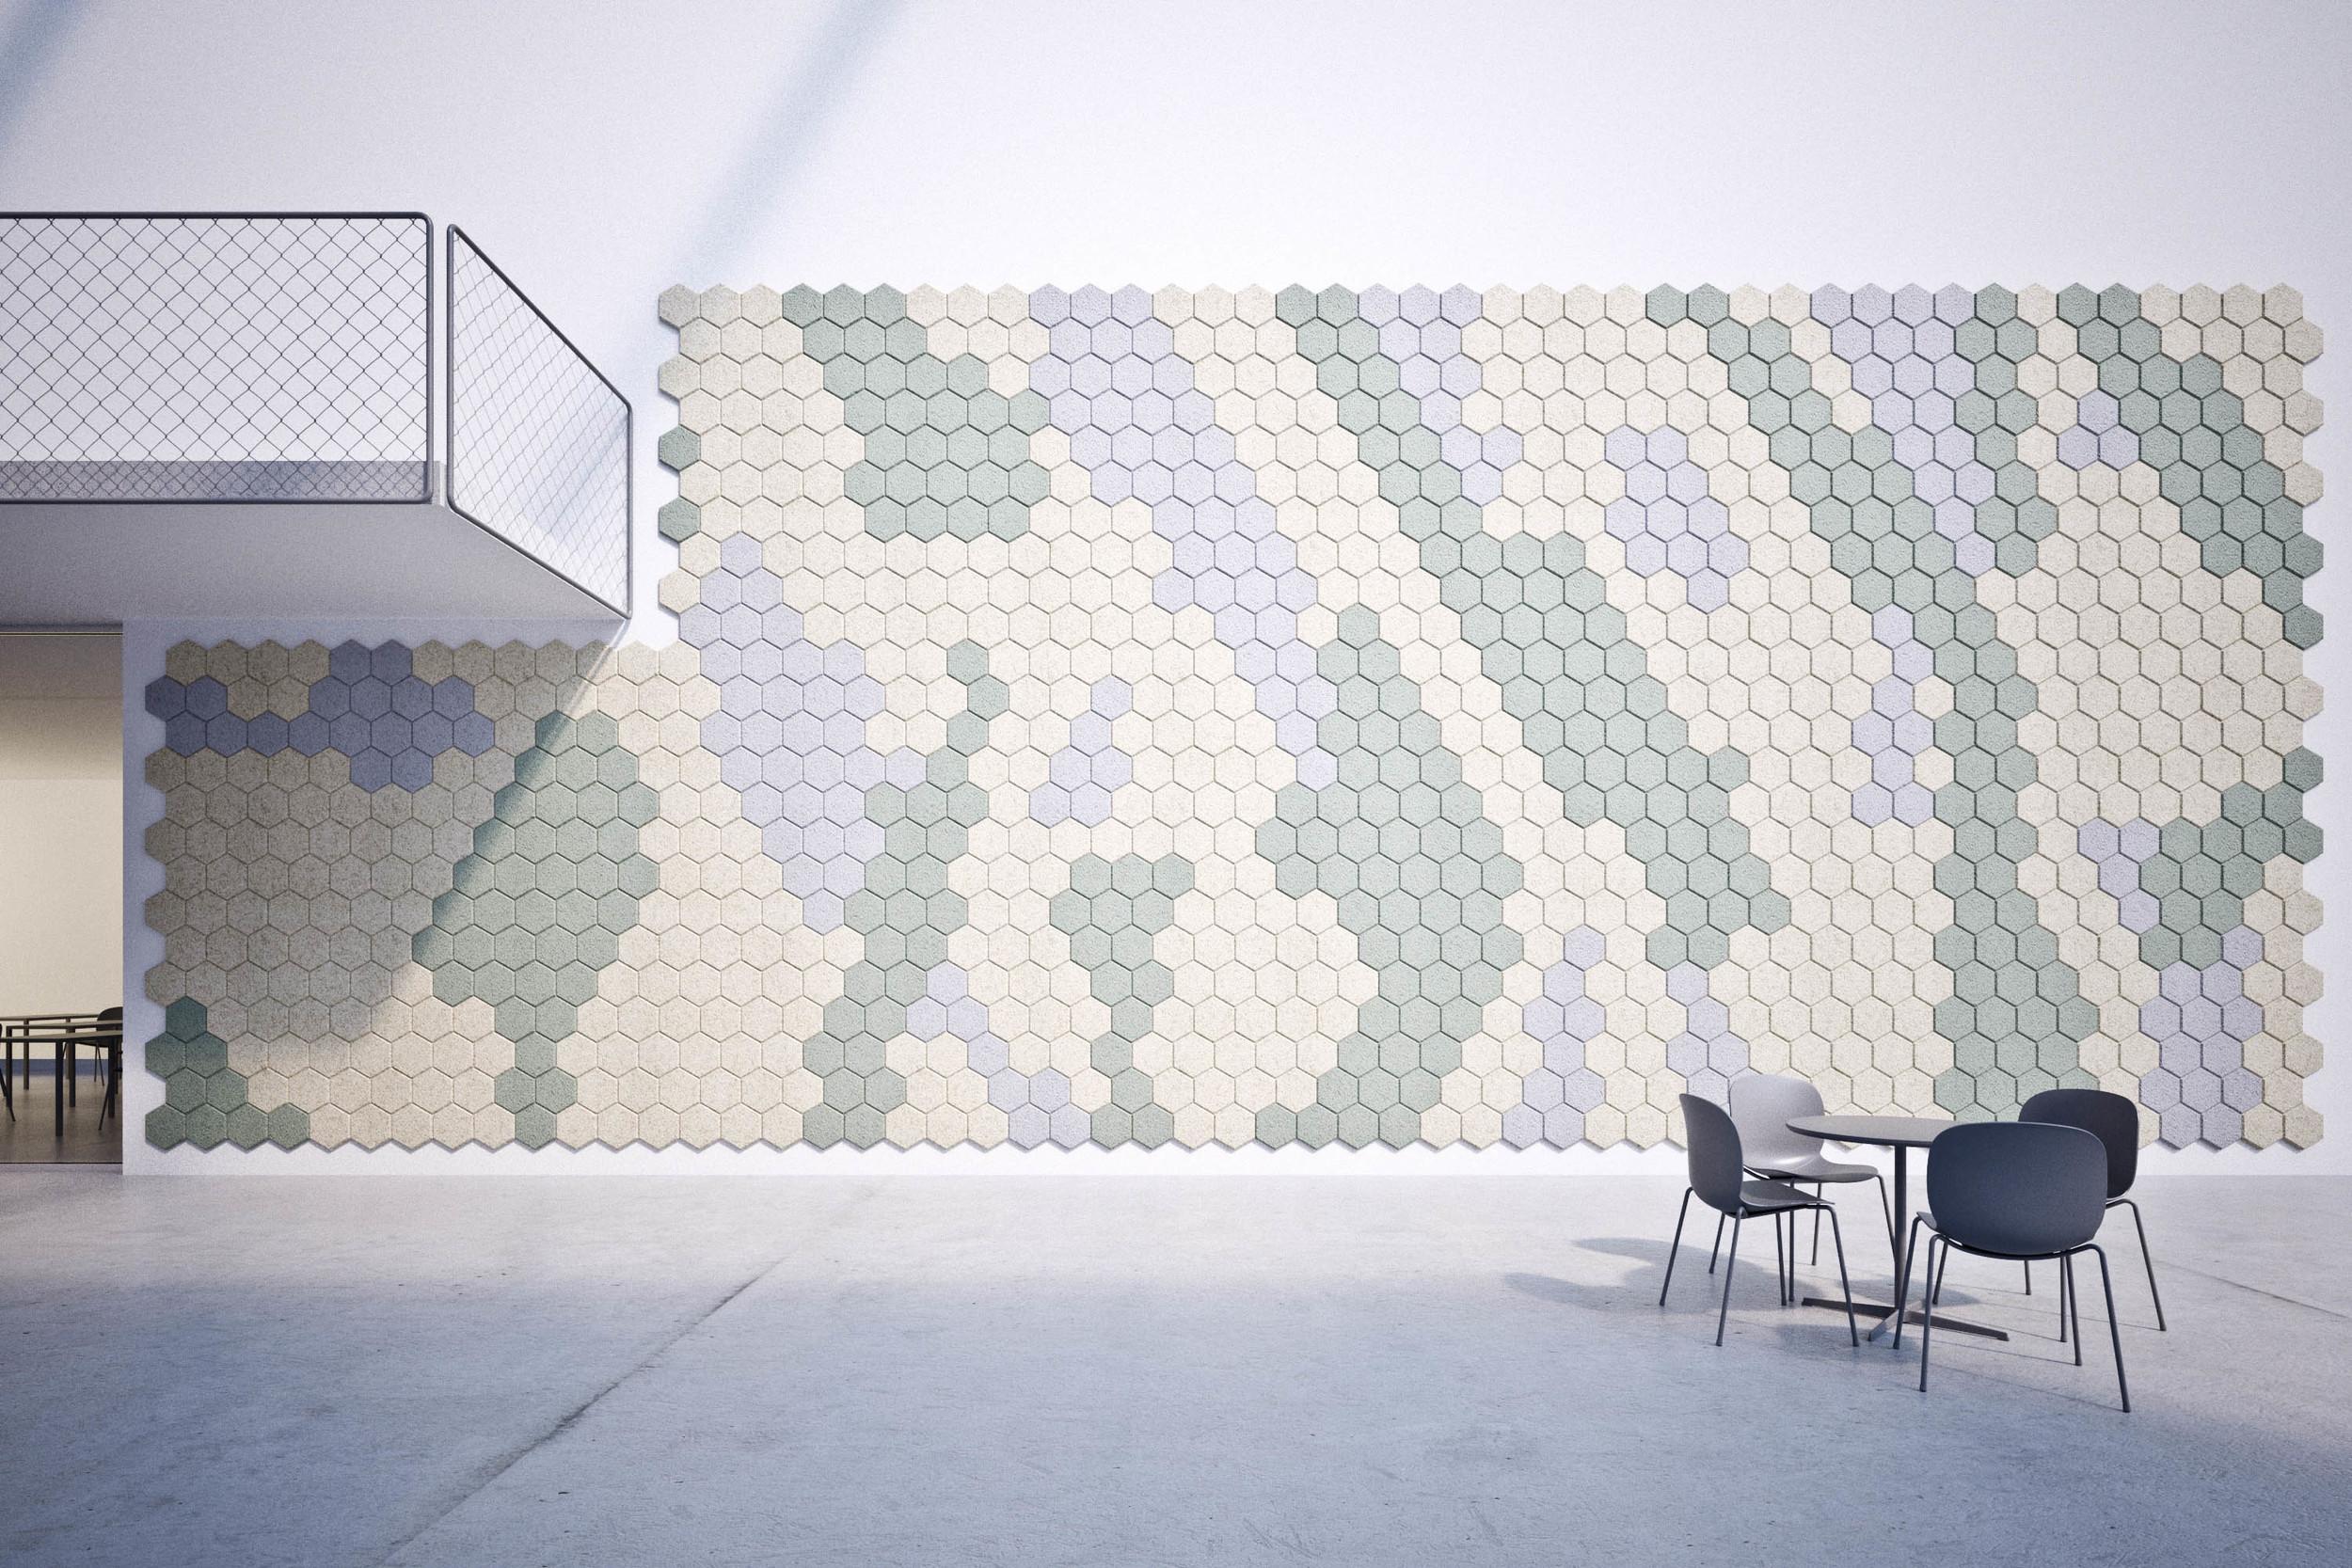 BAUX Acoustic Panels & Tiles. Images courtesy- BAUX, Press Images